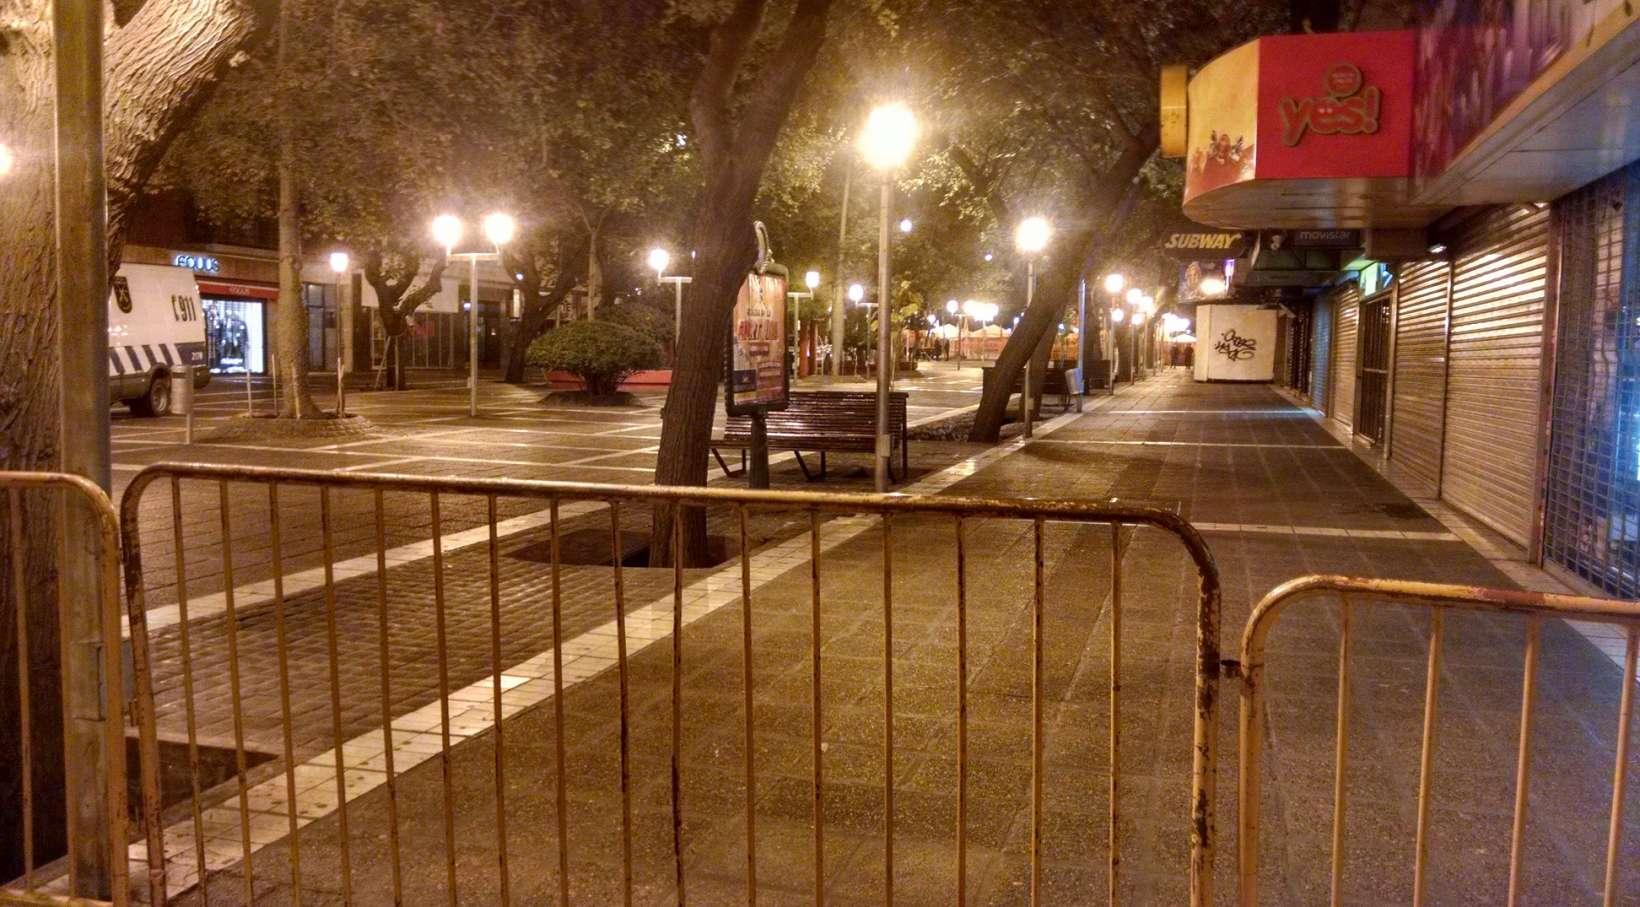 La peatonal estuvo dividida por las vallas entre los for Espejo 70 mendoza